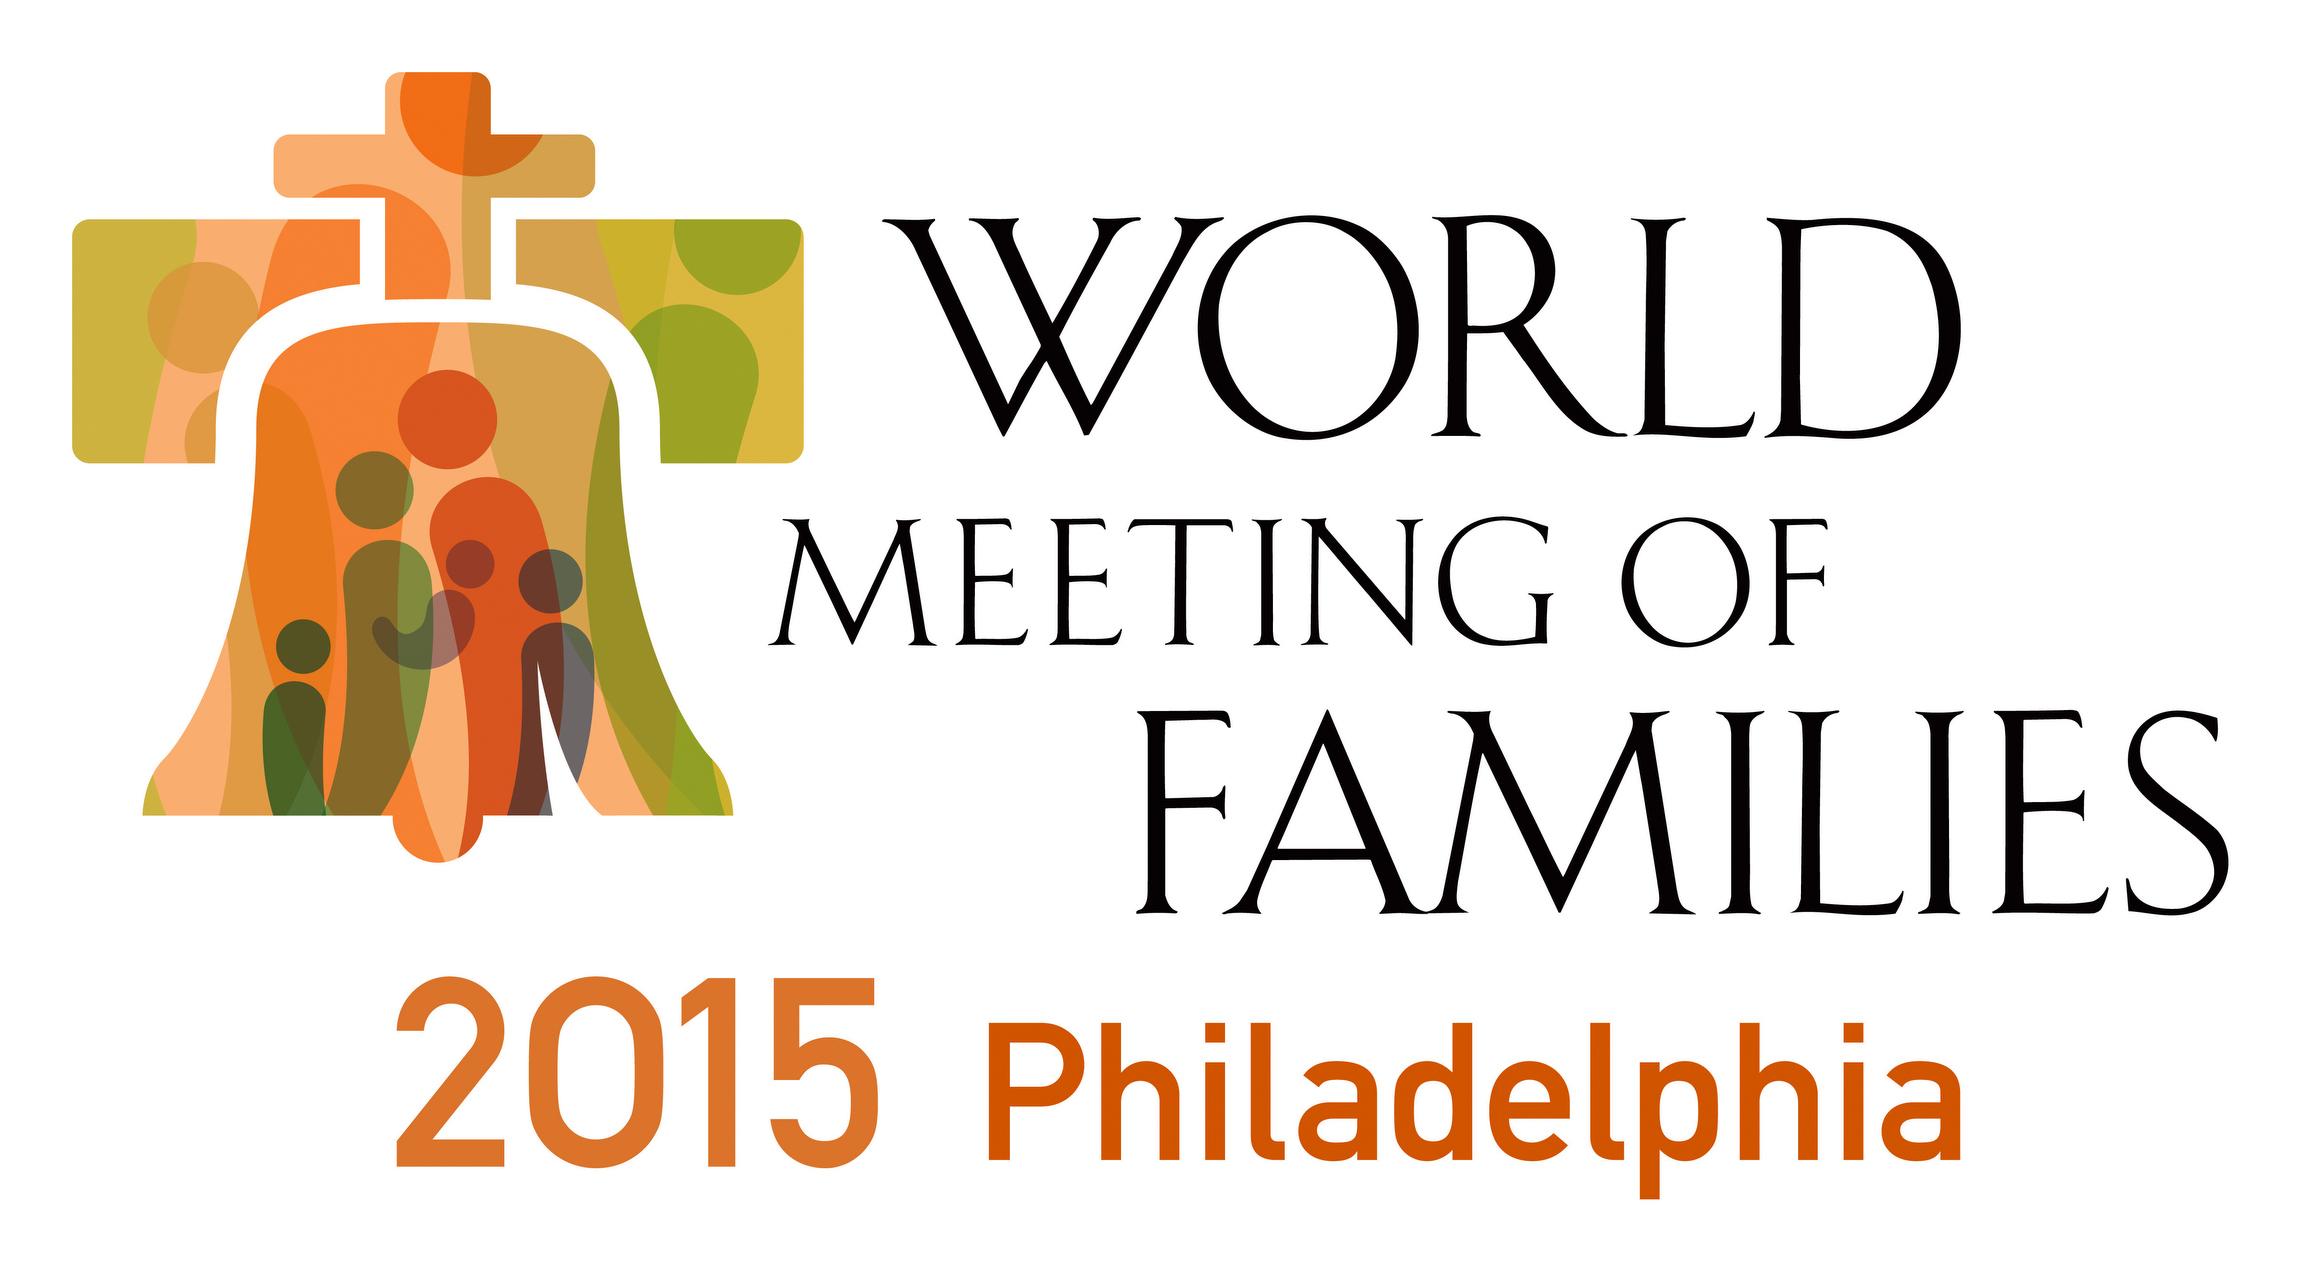 Филадельфия: интервью с российскими участниками Всемирной встречи семей